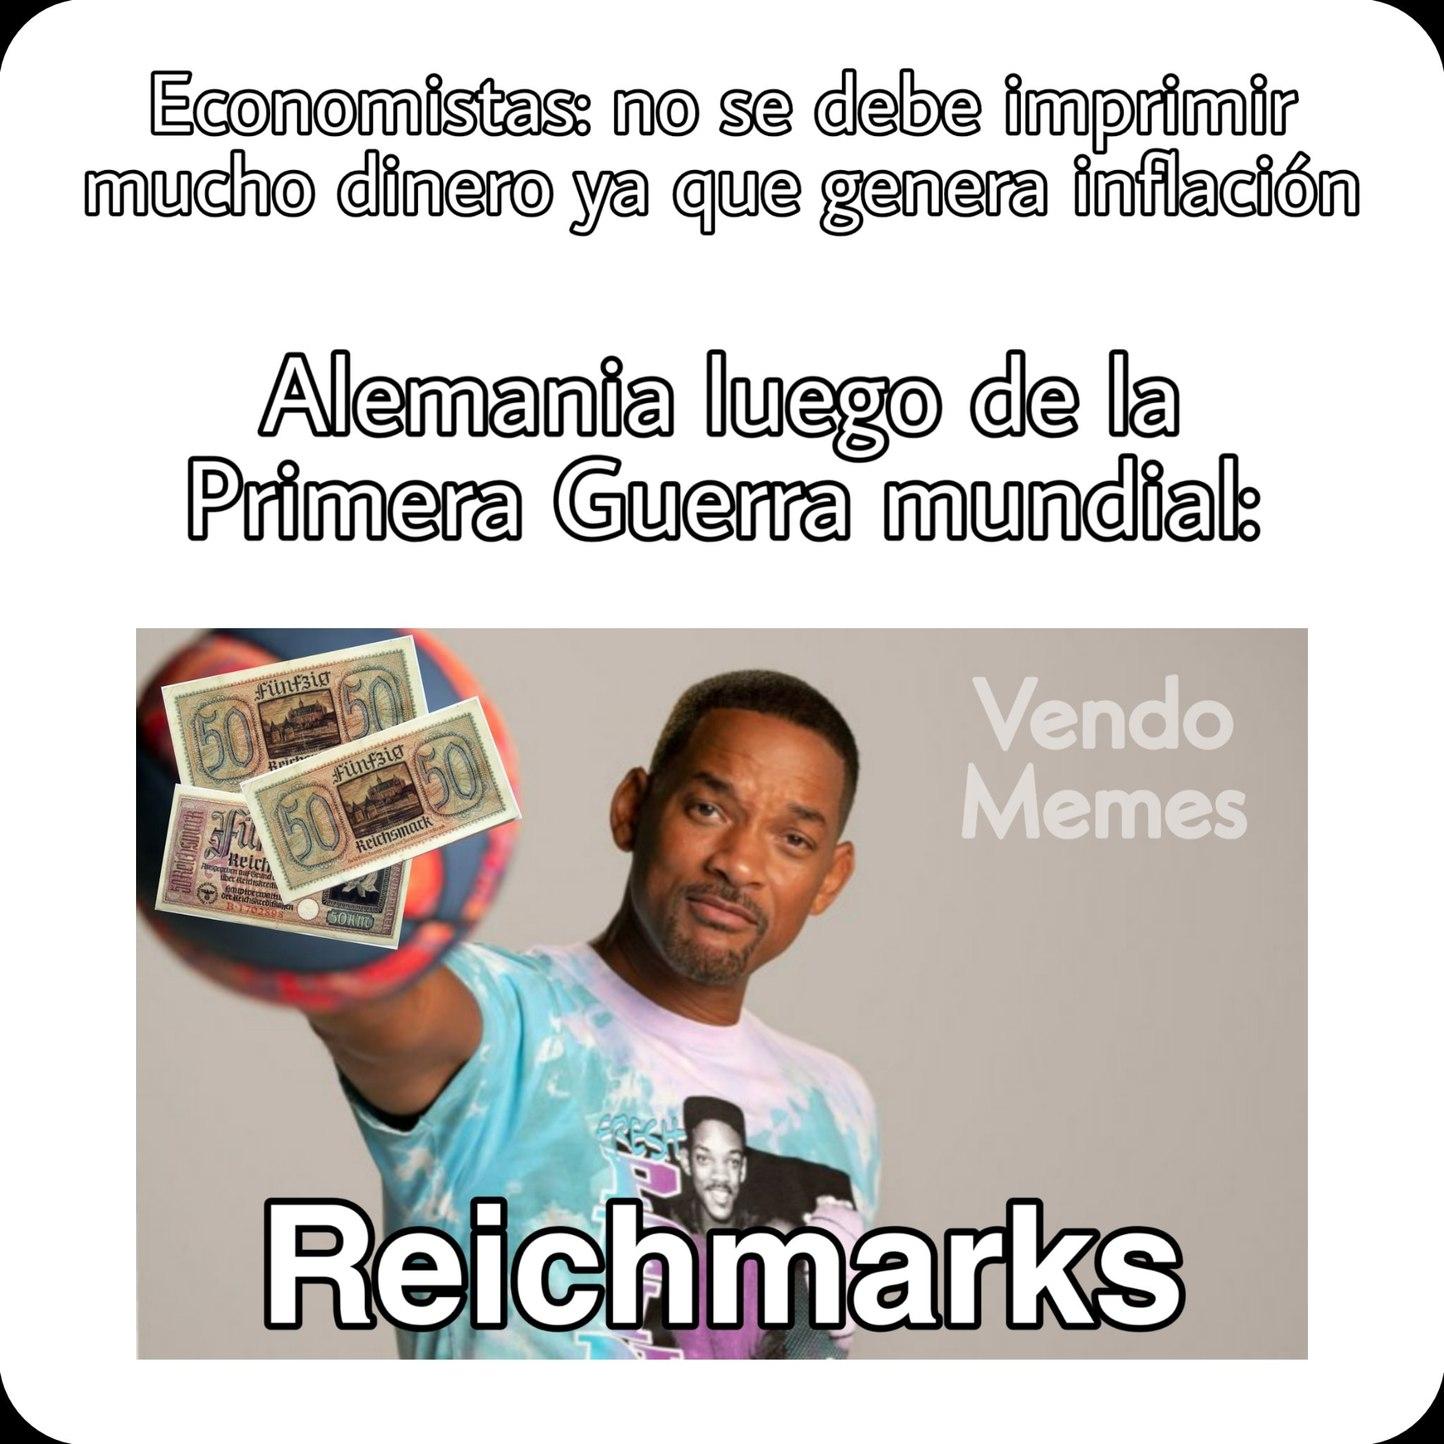 Inflación - meme